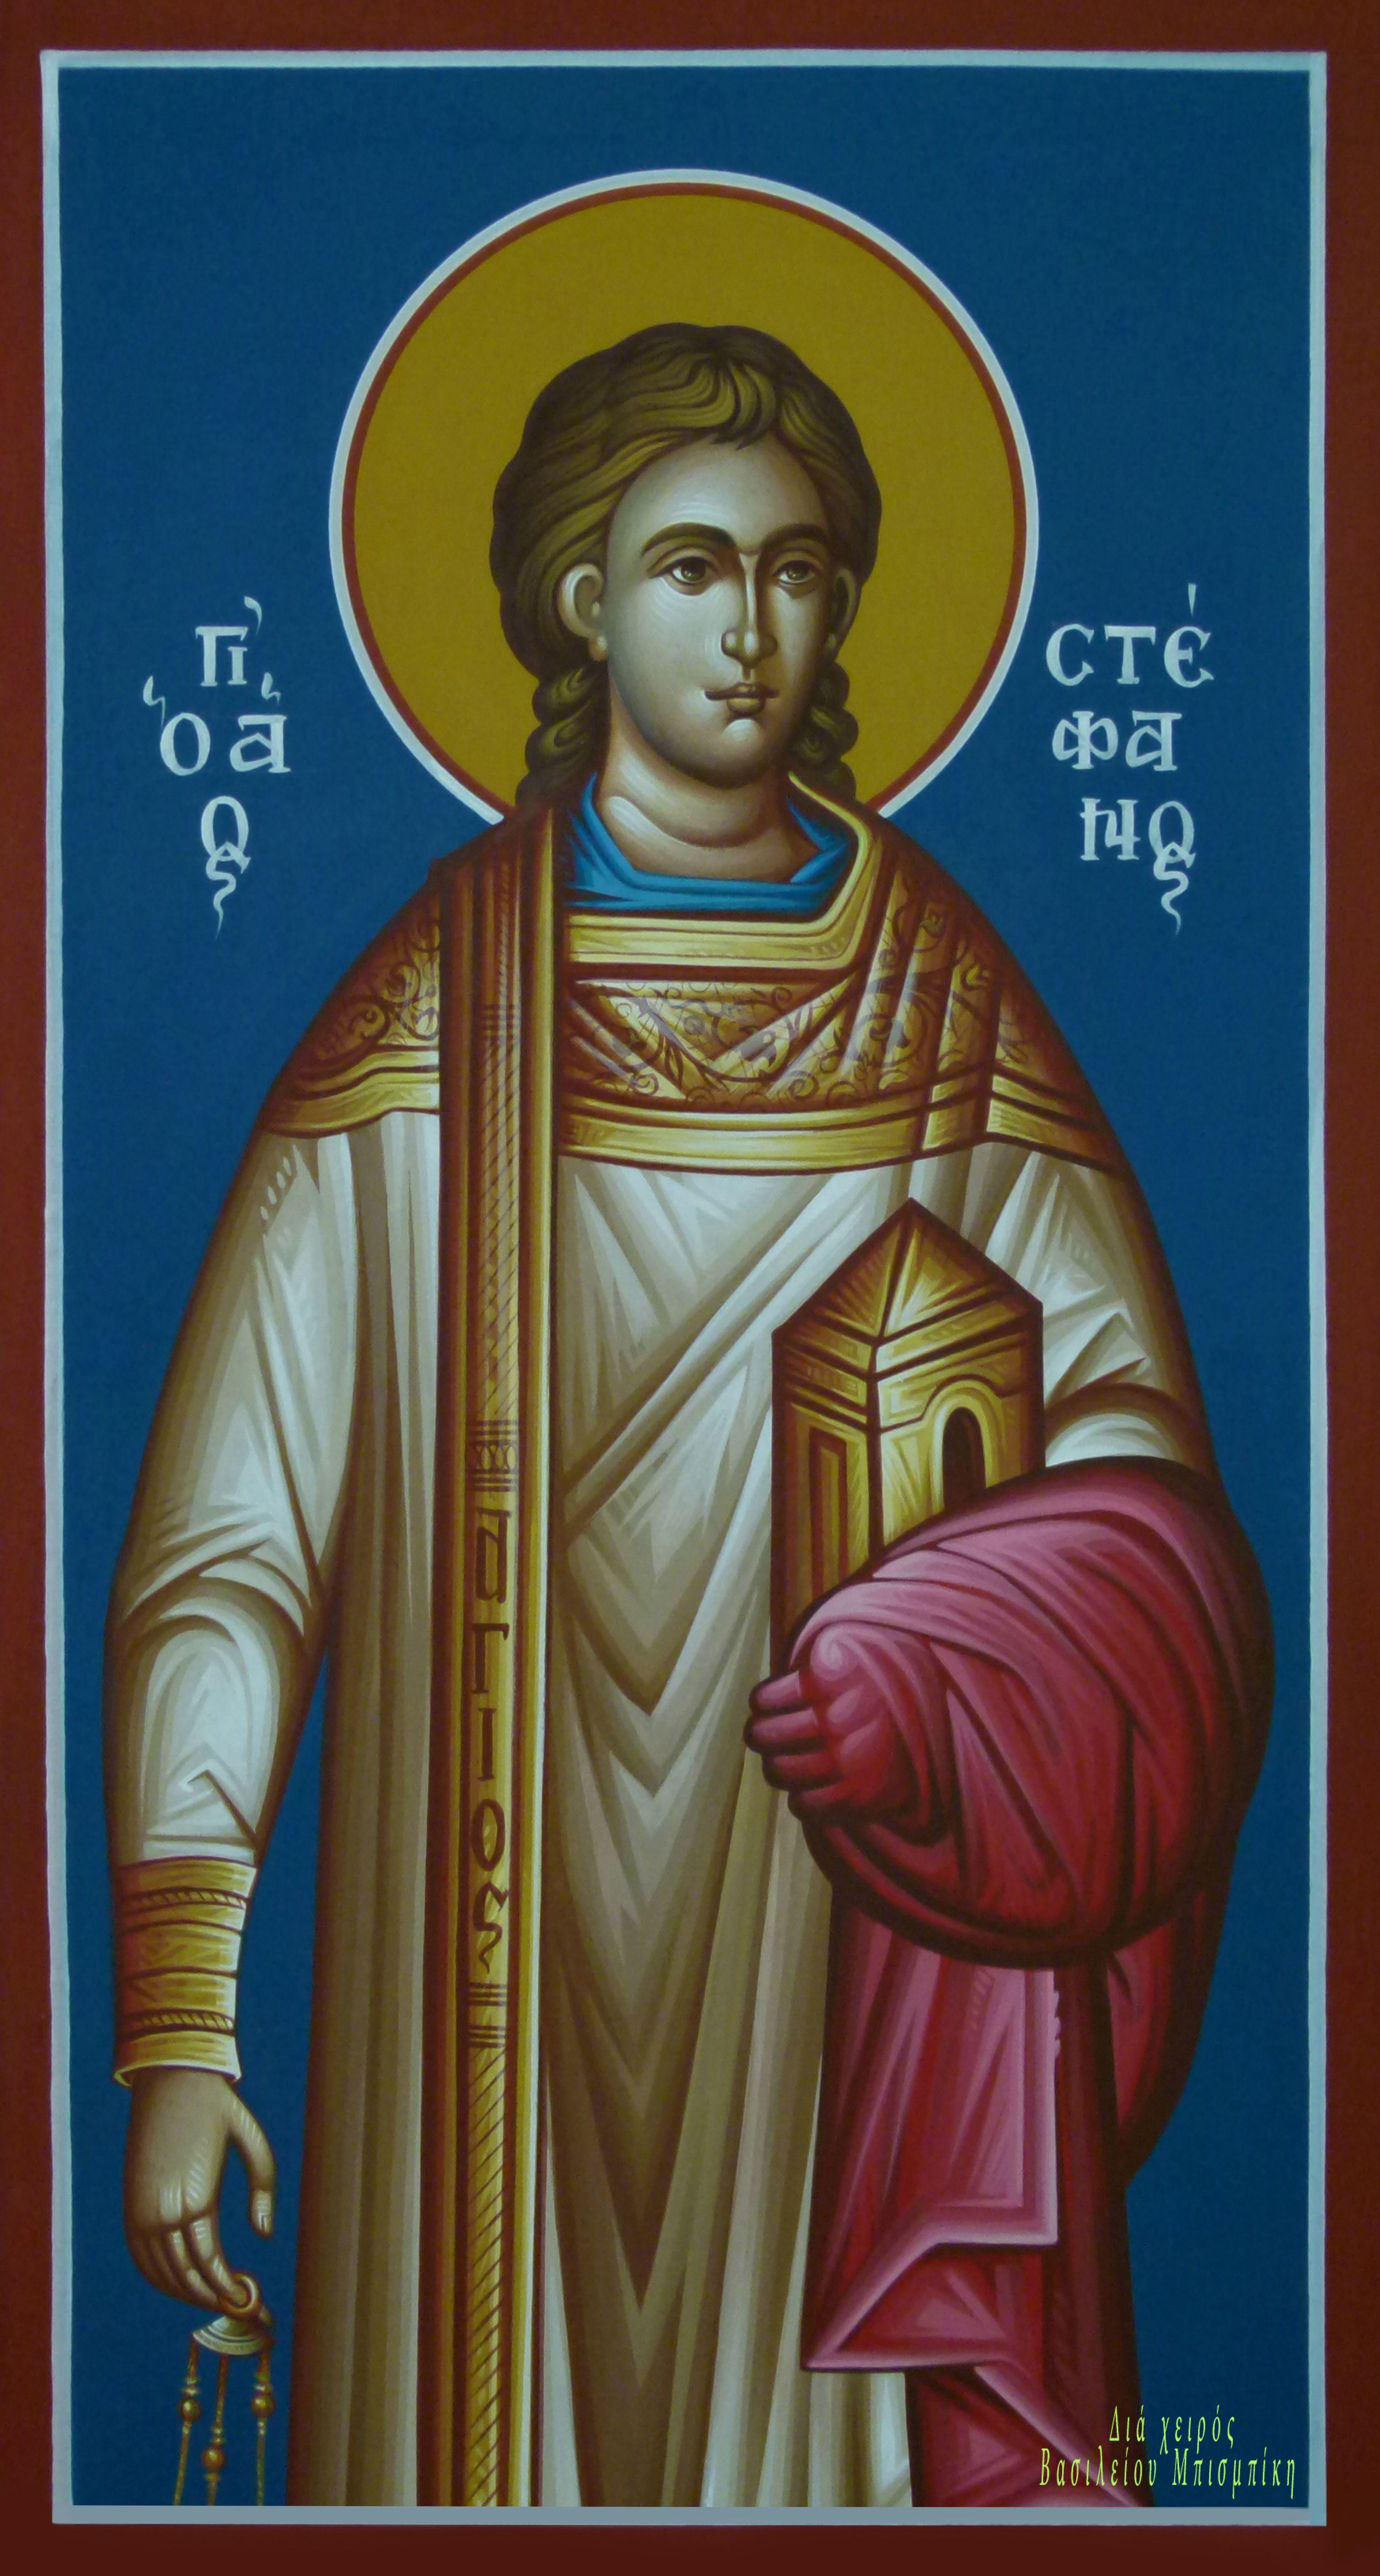 Ο Άγιος Στέφανος Orthodox christian icons, Byzantine art